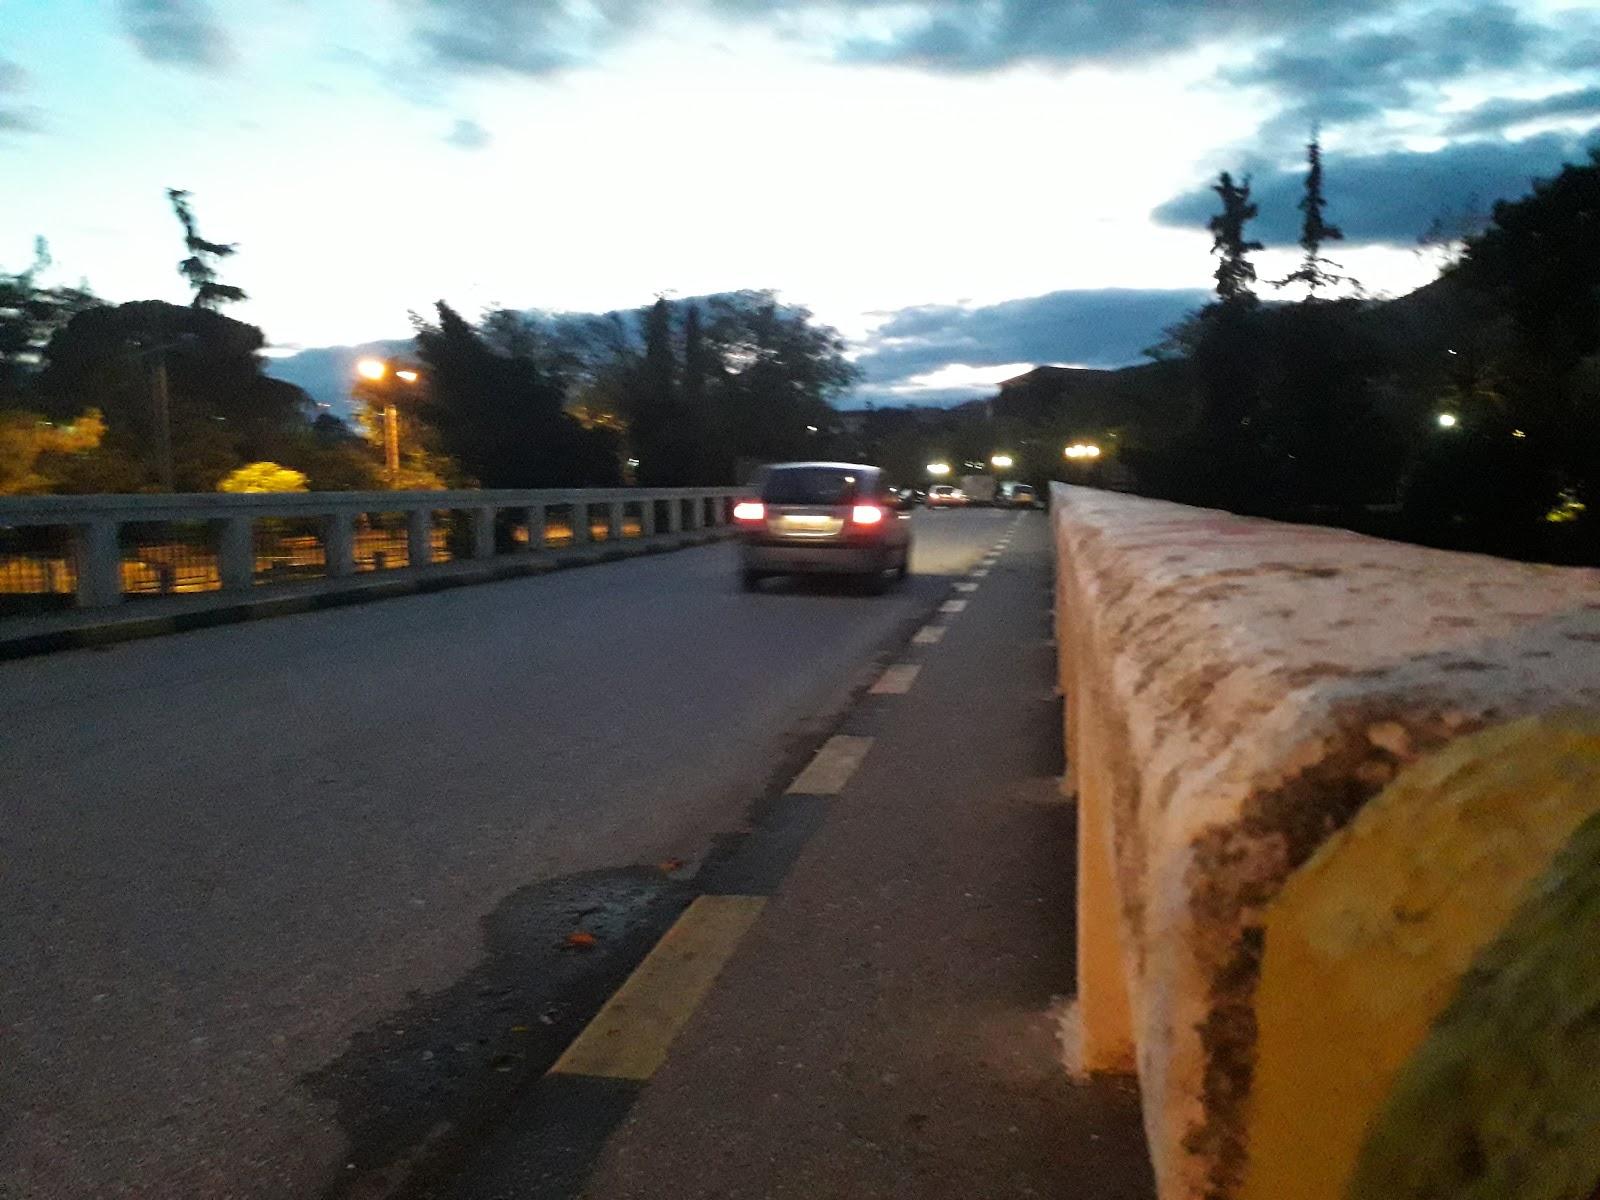 Τέλος για την ειδική καραντίνα στην Ξάνθη – Συνεχίζεται στον δήμο Μύκης